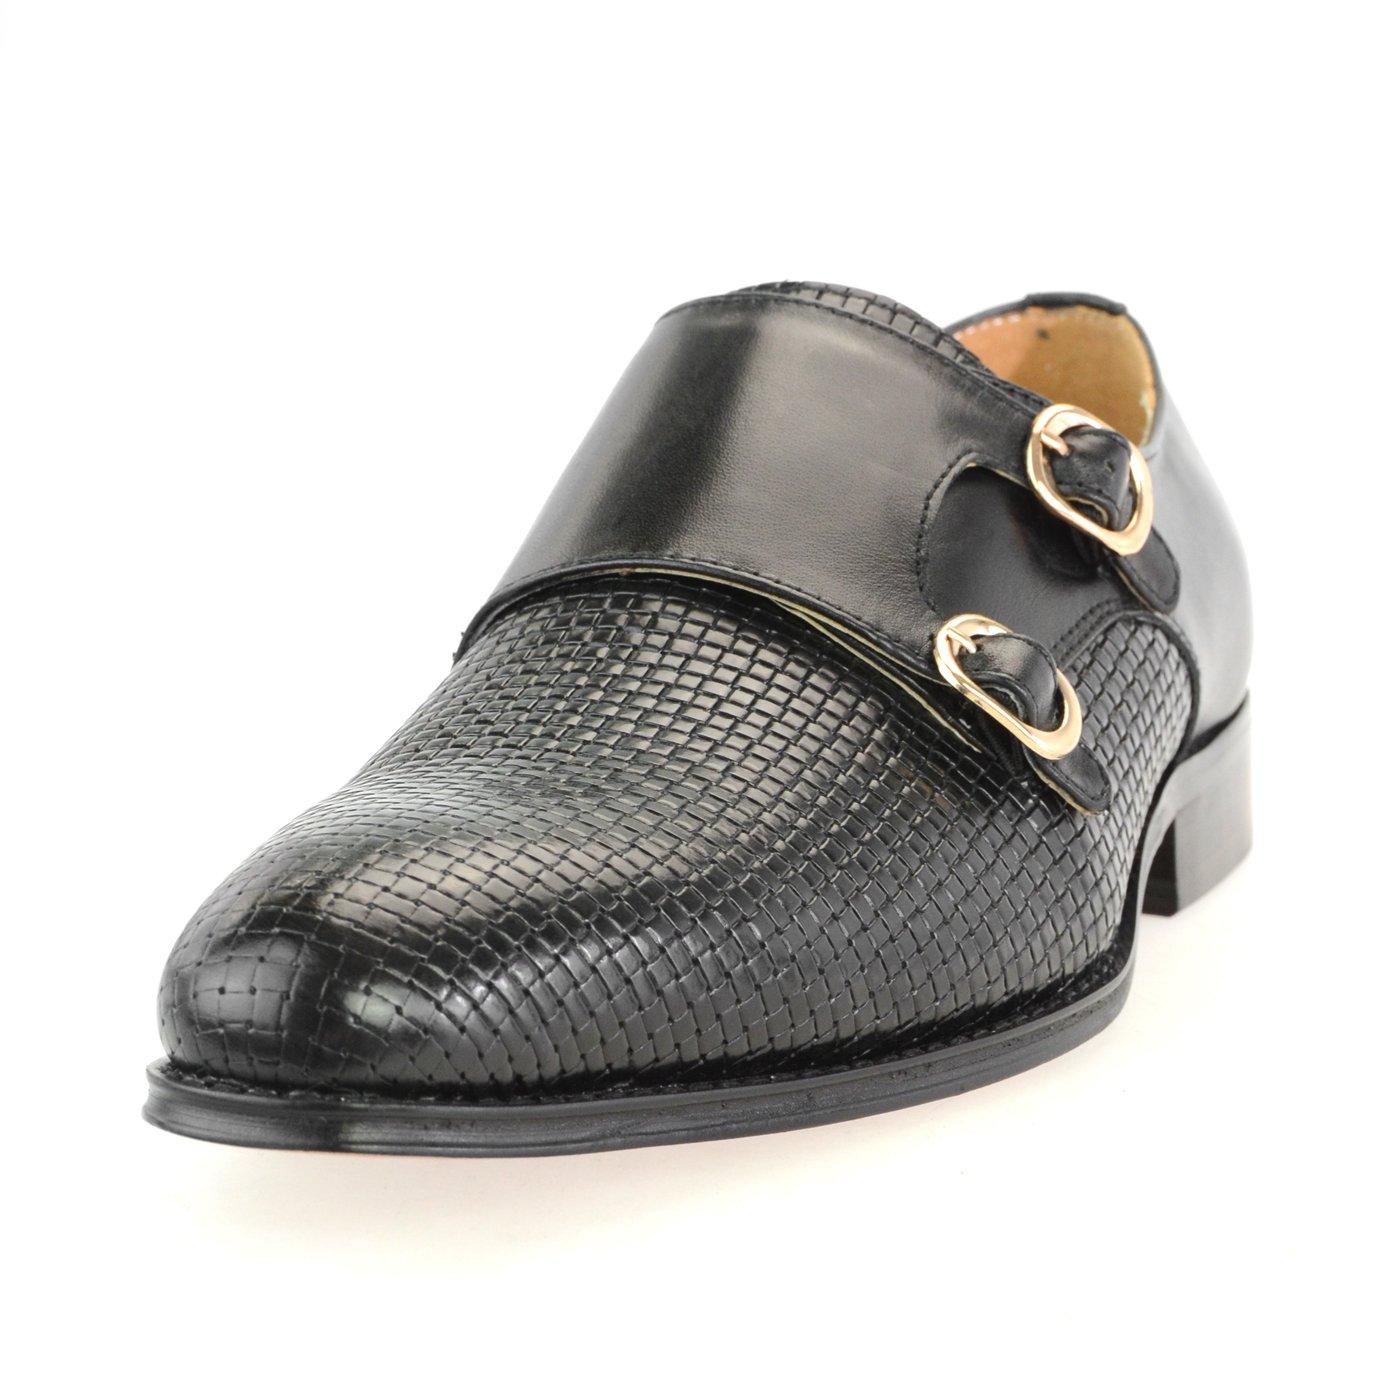 結婚祝い [ルシウス] 3E 本革 20種類から選ぶ レザー ブラック メンズ 25.0 ダブル モンクストラップ メダリオン ストレートチップ 革靴 紳士靴 B076DWK1FB Y08-80 ブラック 25.0 cm 3E 25.0 cm 3E|Y08-80 ブラック, あずま薬局:37eeb84a --- afisc.net